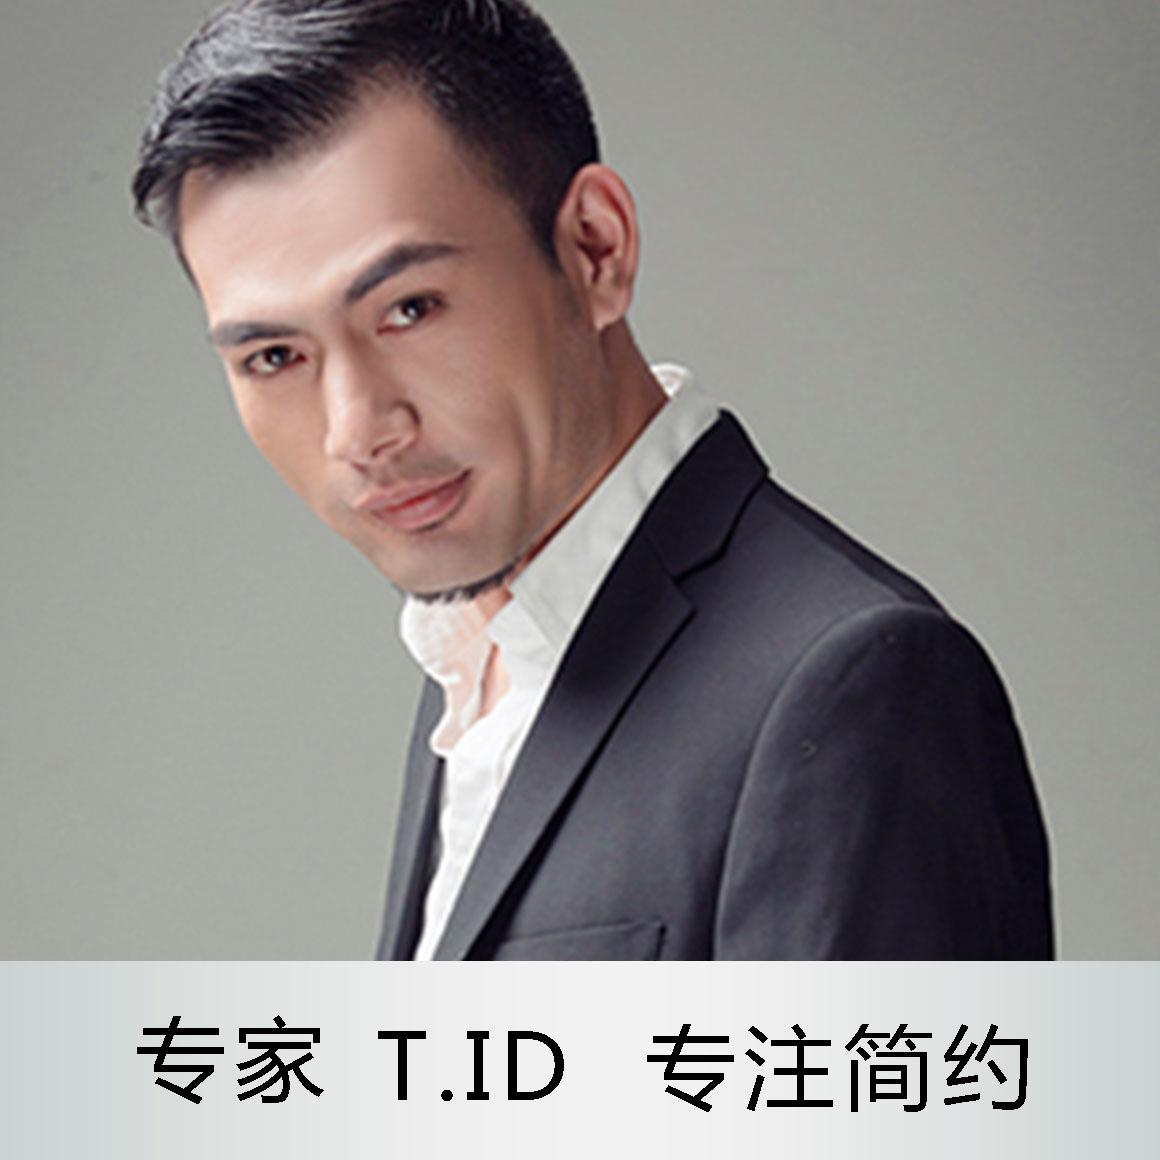 锦华装饰设计师-张斌